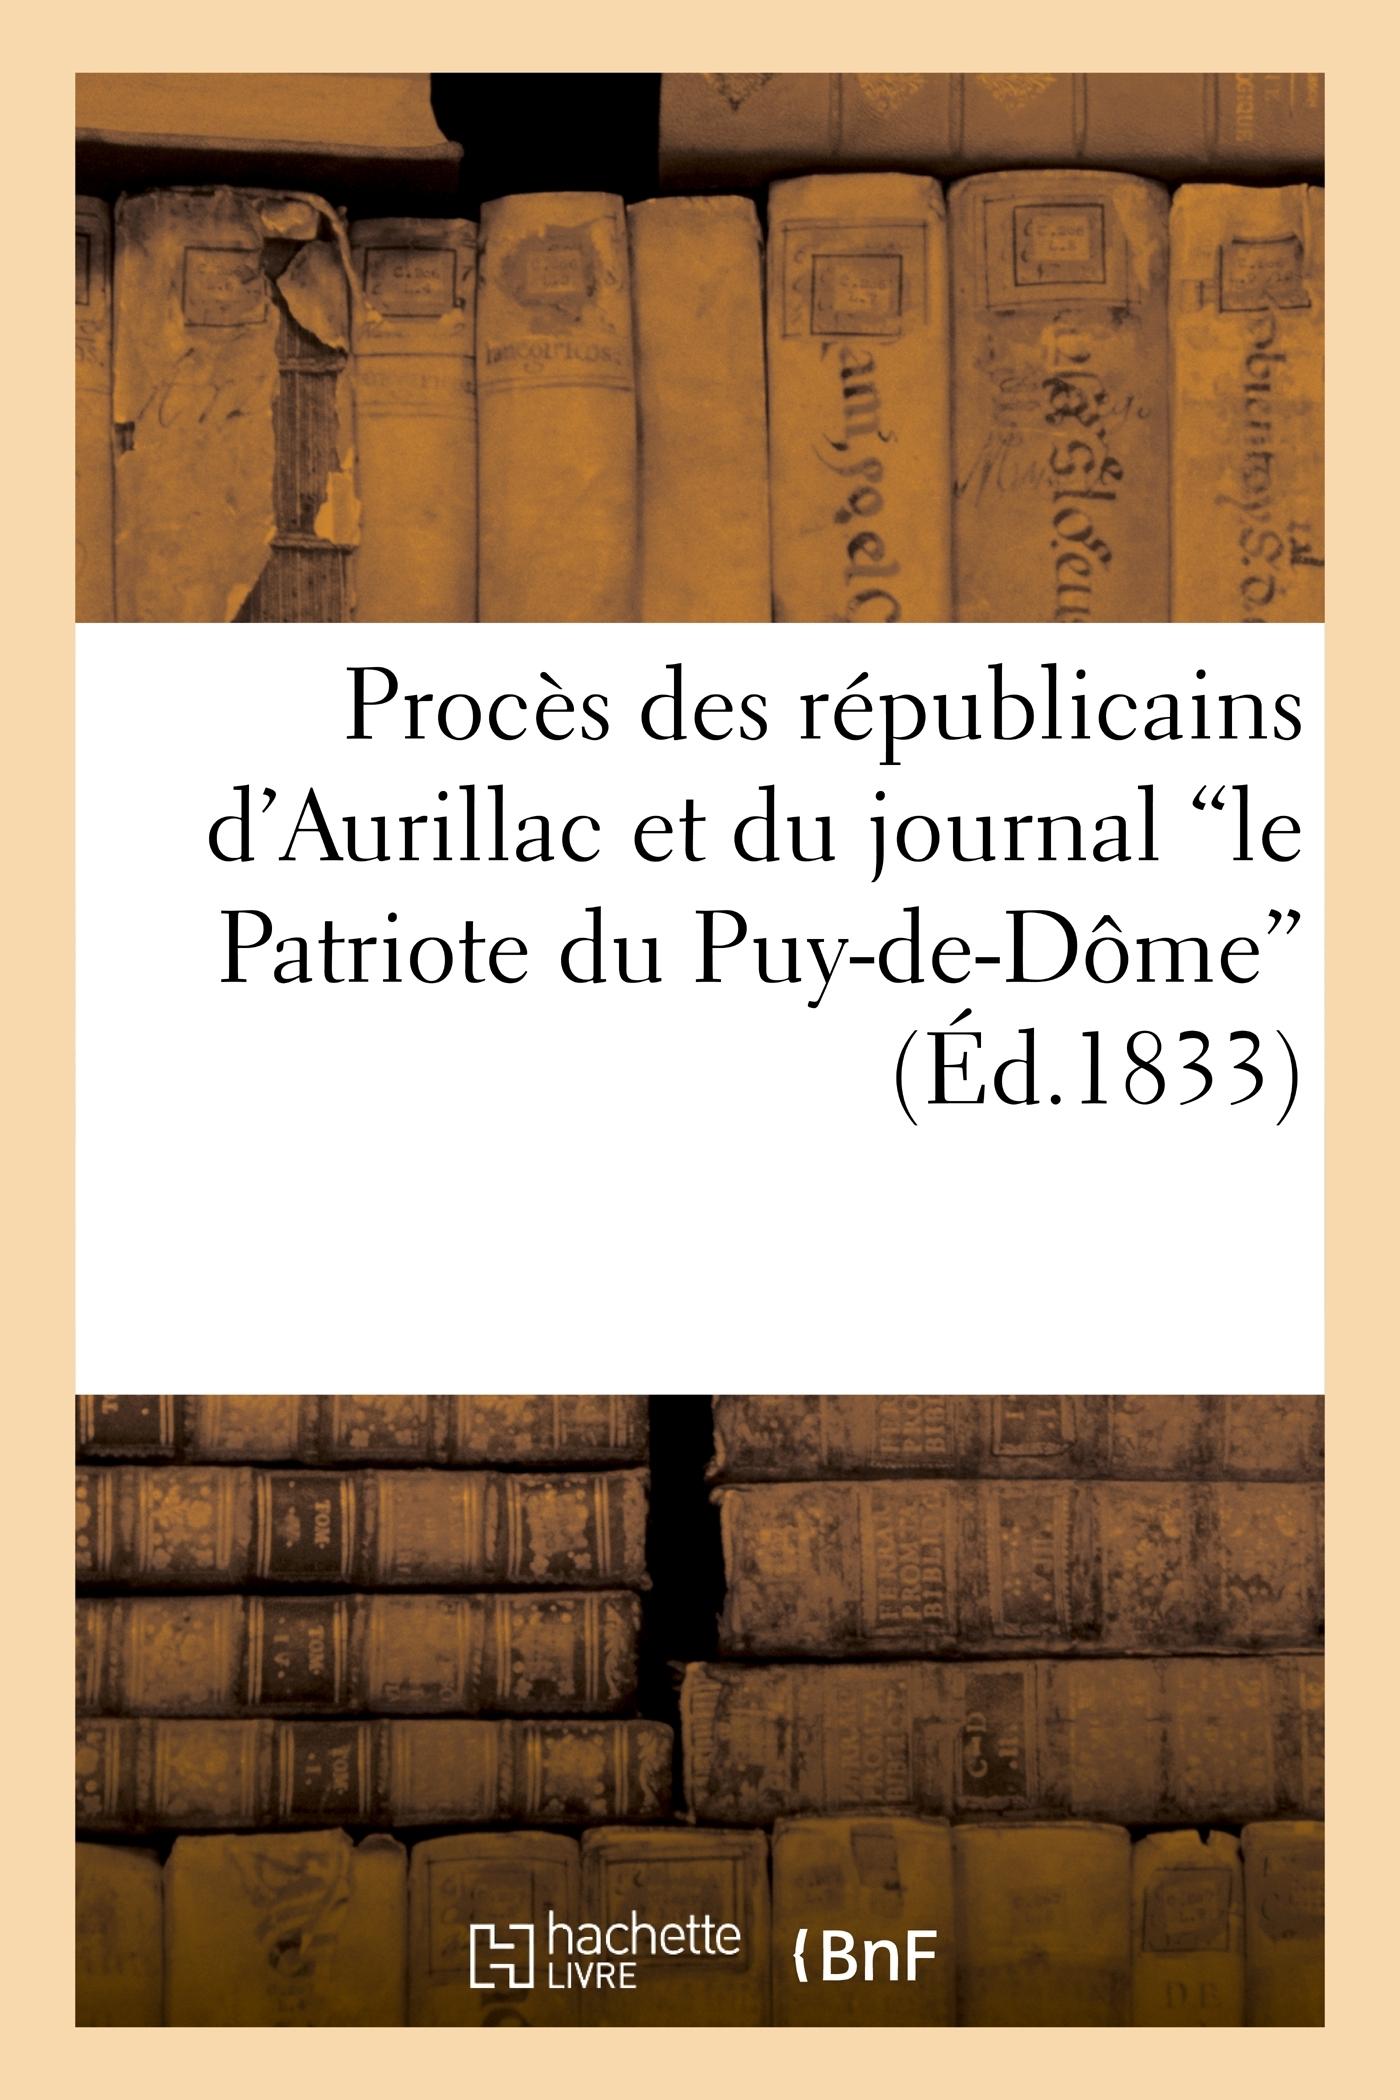 PROCES DES REPUBLICAINS D'AURILLAC ET DU JOURNAL 'LE PATRIOTE DU PUY-DE-DOME', DEVANT LA COUR - D'AS